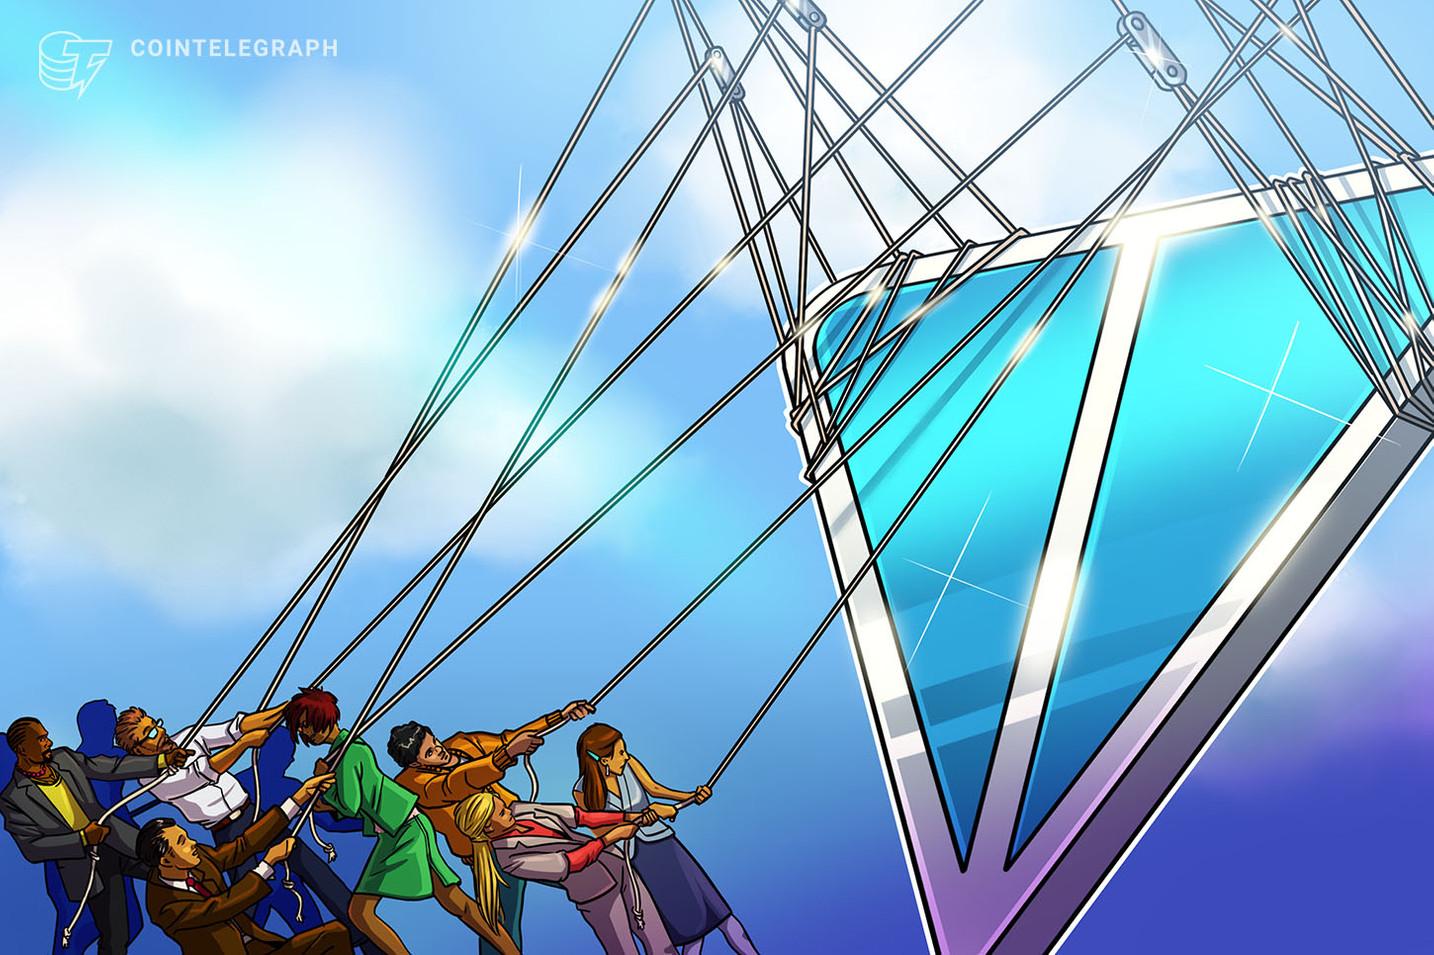 Sviluppatori di TON in difesa di Telegram nel caso avviato dalla SEC